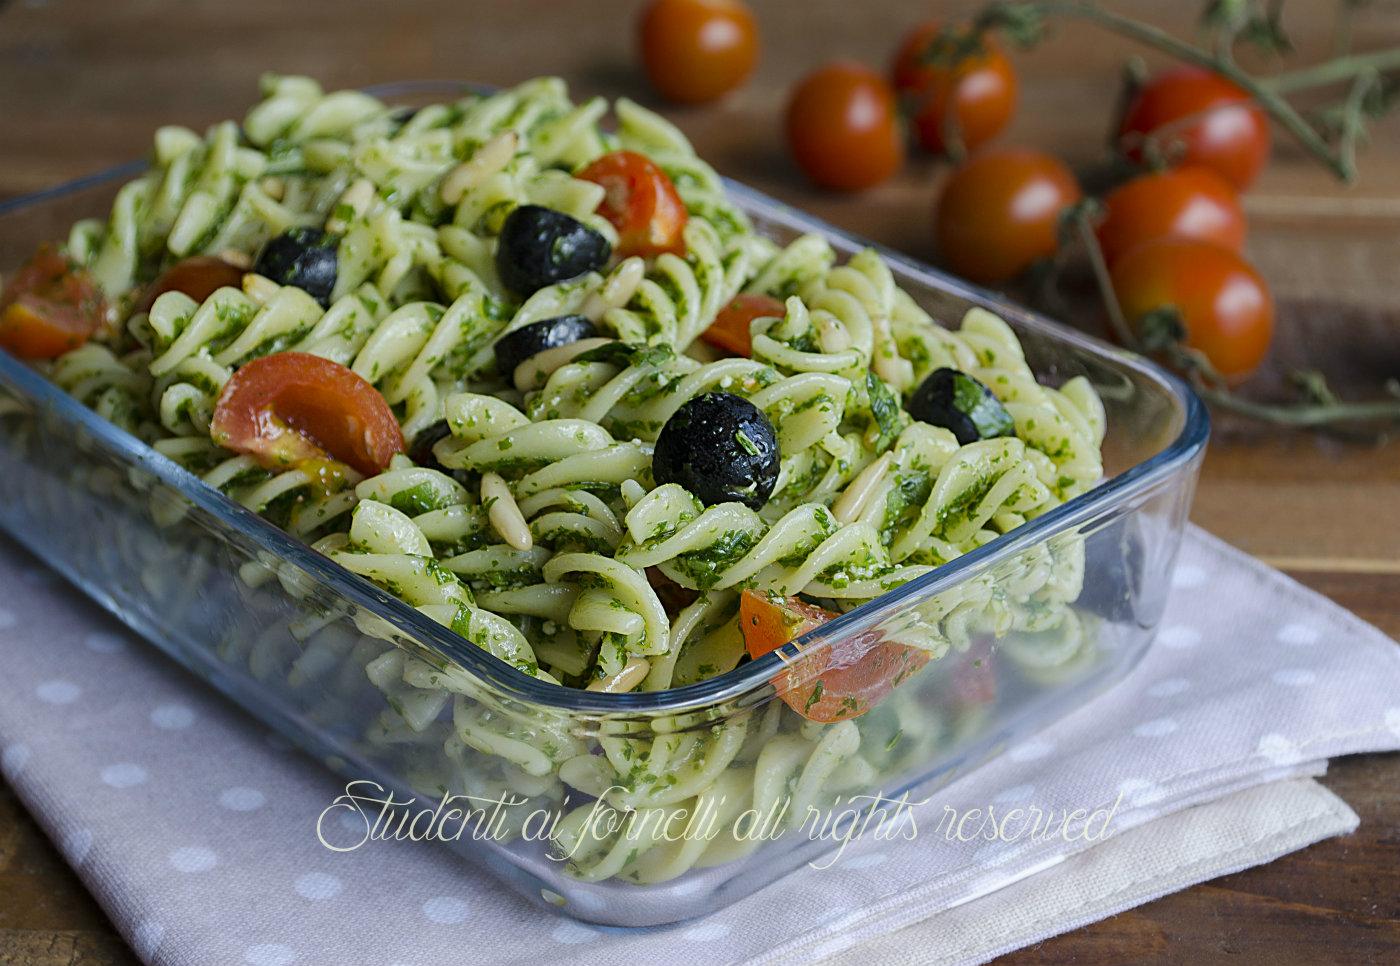 Top Pasta fredda pesto di rucola olive nere, pomodorini e pinoli IL85